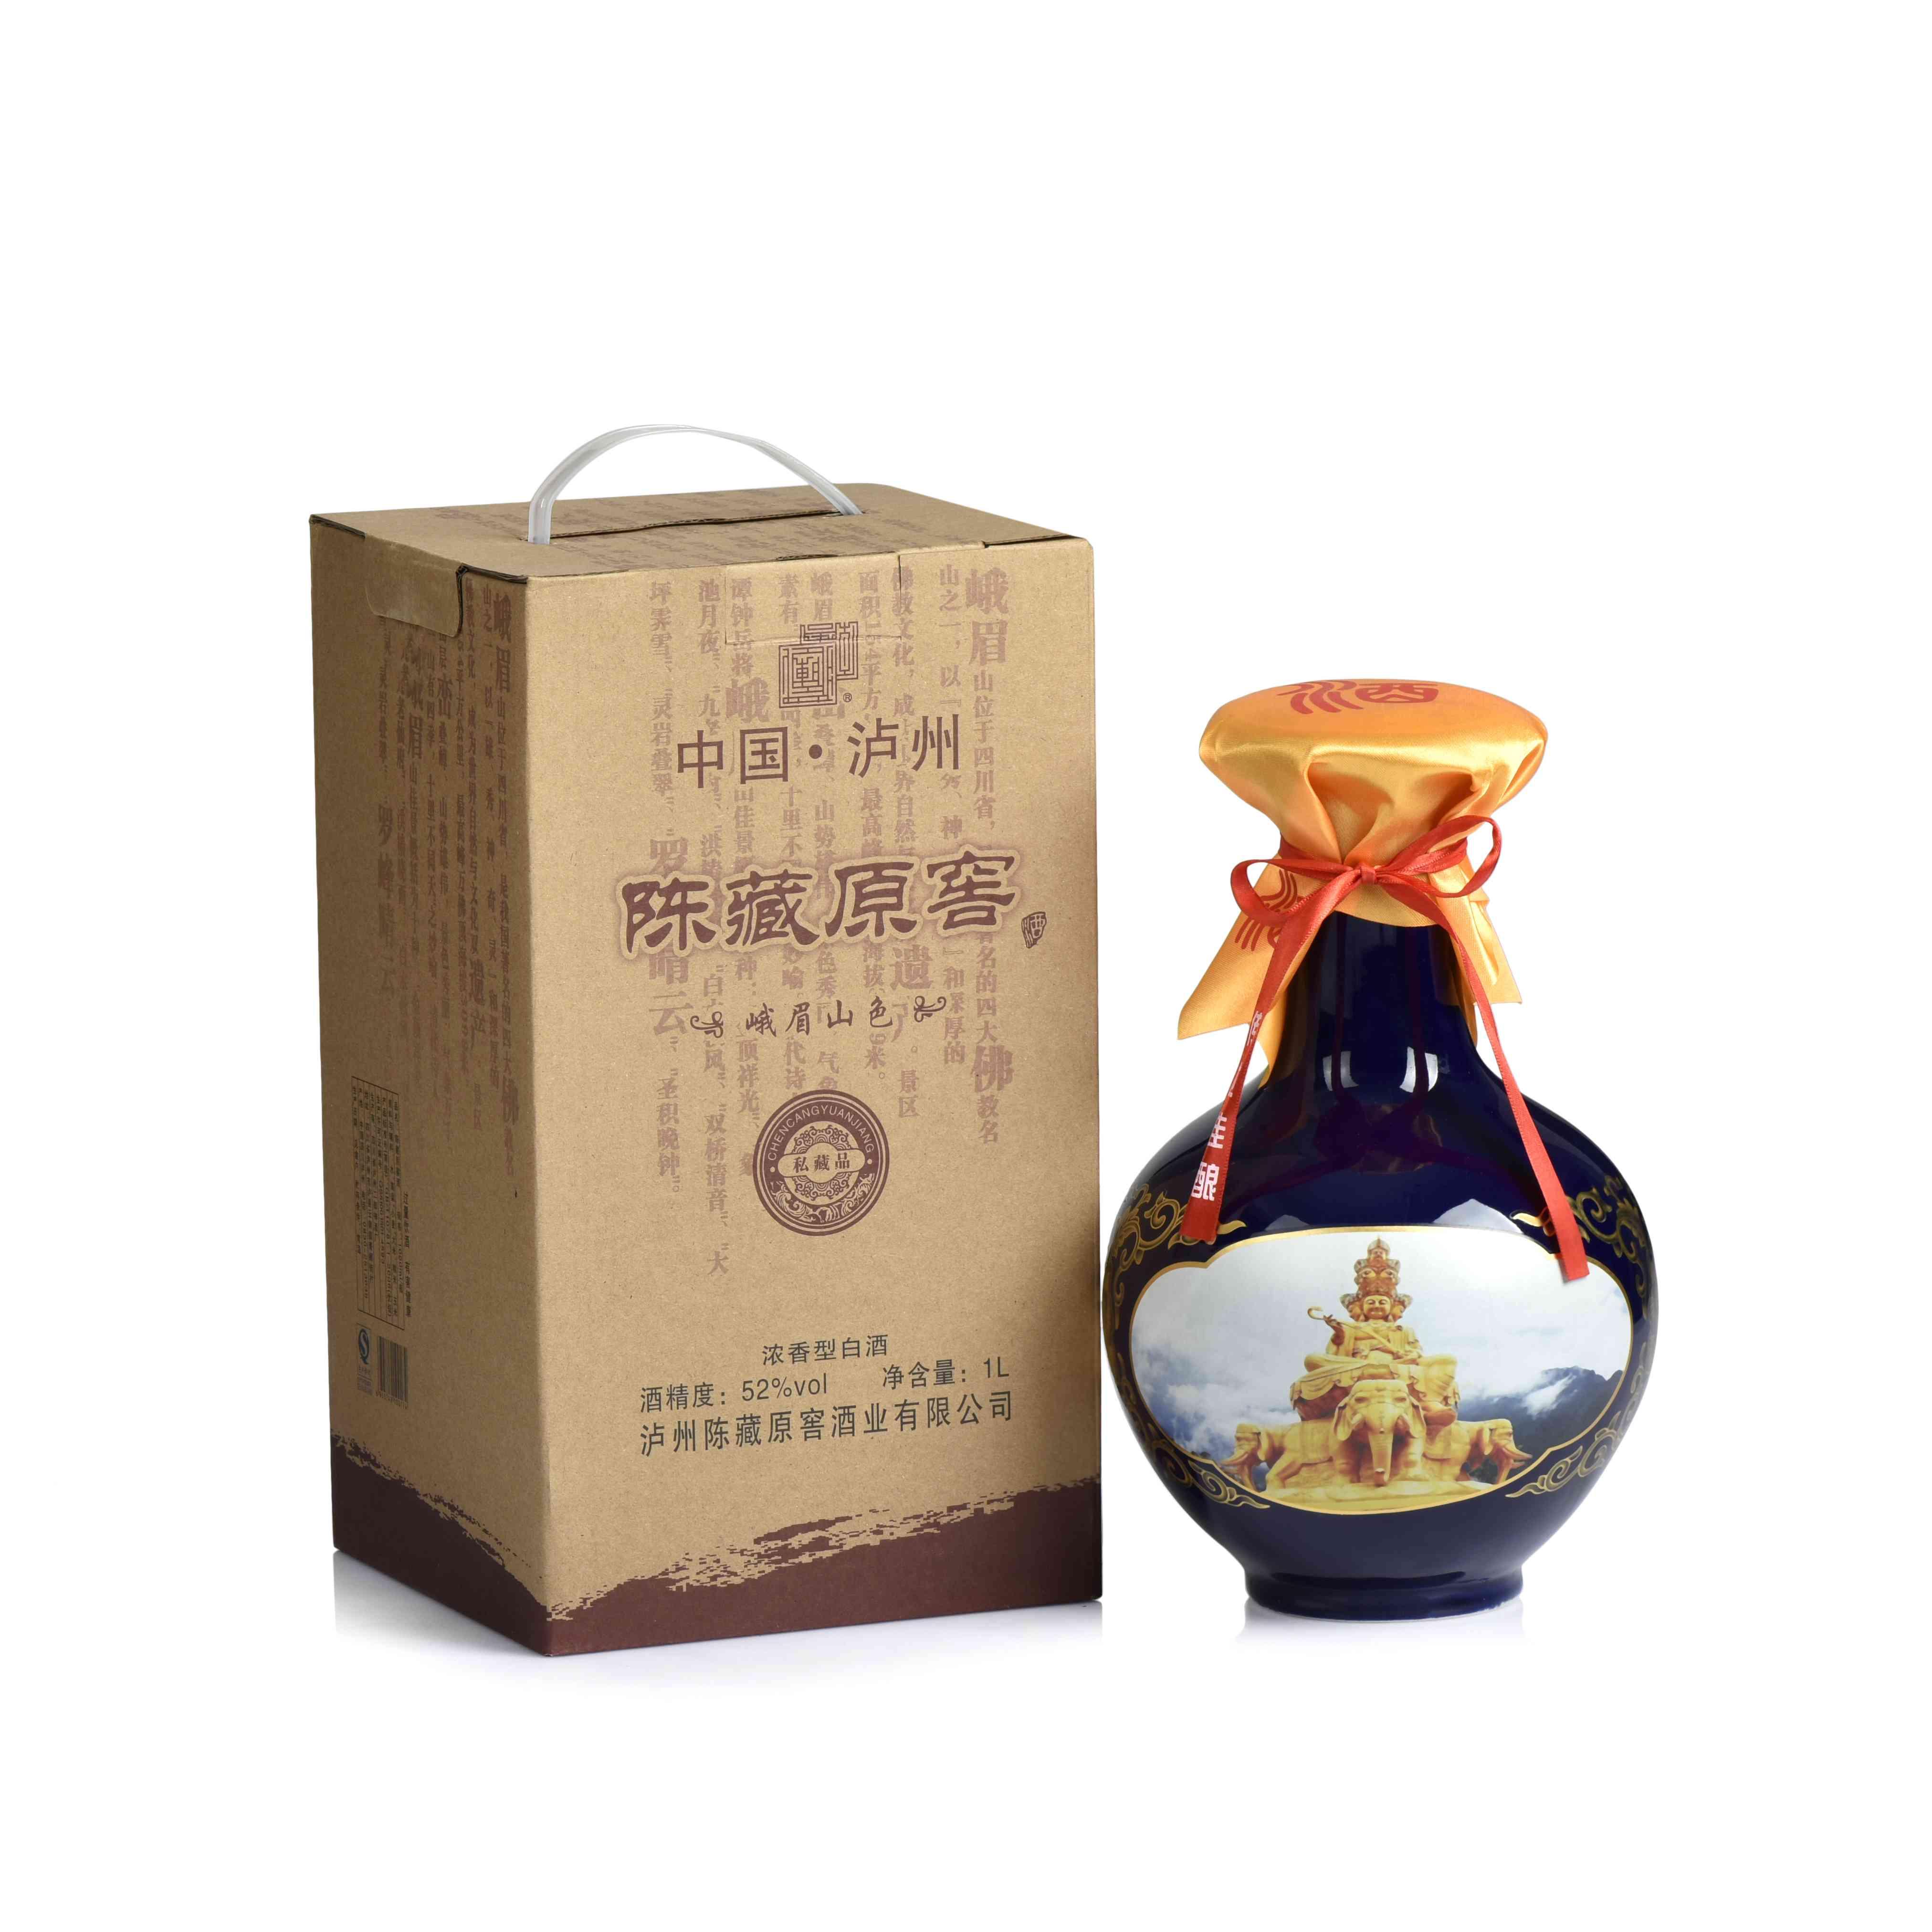 四十年窖藏天府六景彩瓷系列(峨眉山色)